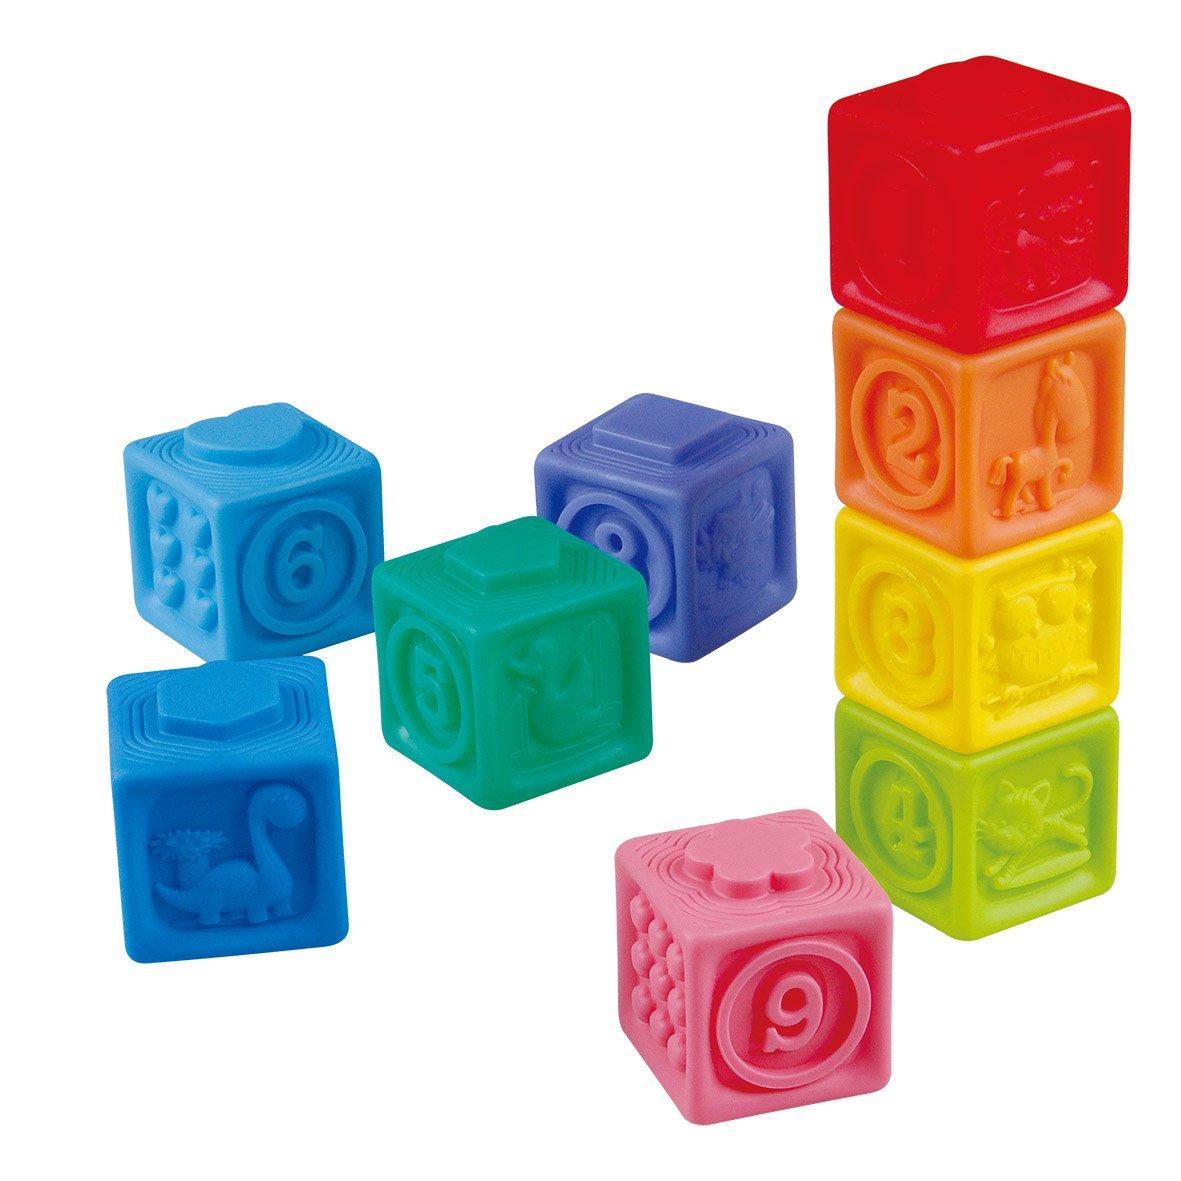 Игровой набор кубиковКубики<br>Игровой набор кубиков<br>